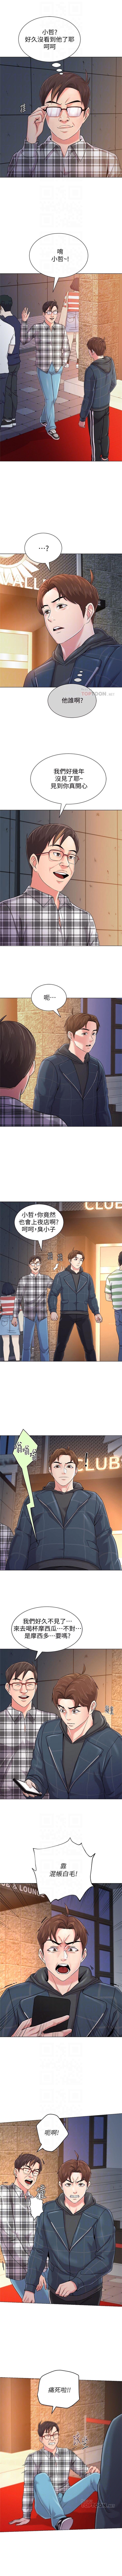 (周3)老师 1-56 中文翻译(更新中) 342